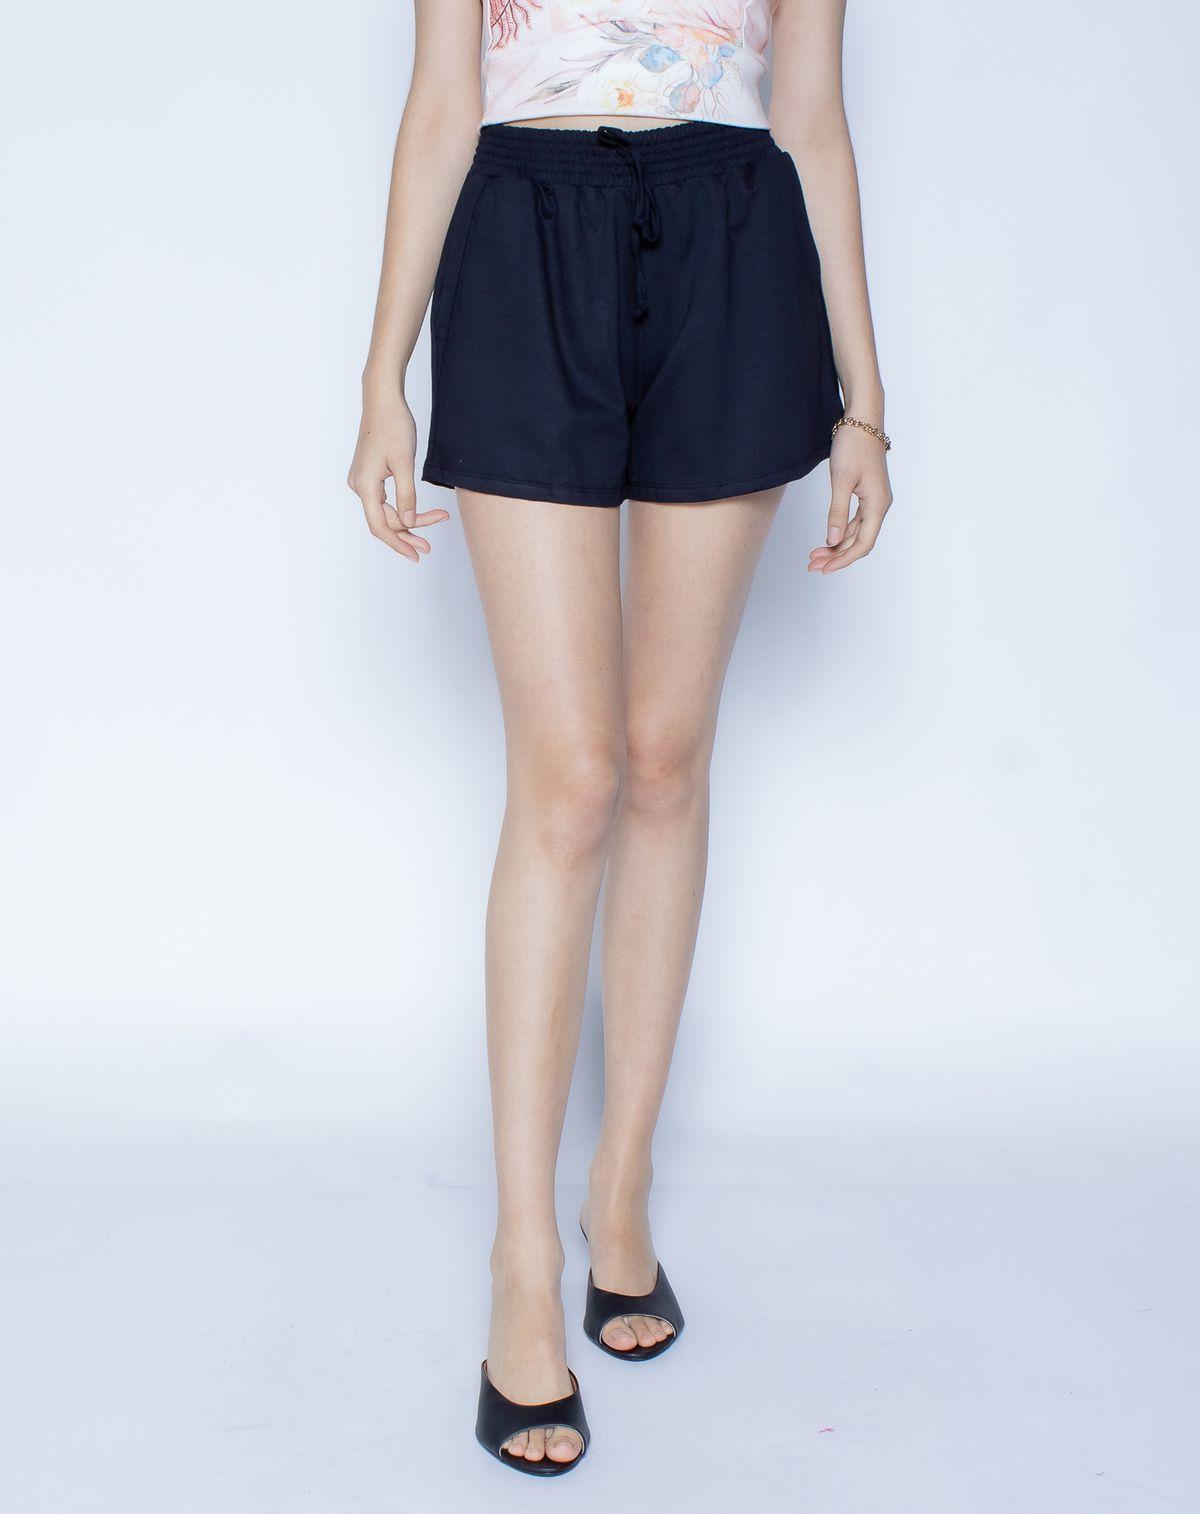 601195002-short-moletom-feminino-cintura-alta-bolsos-preto-m-415